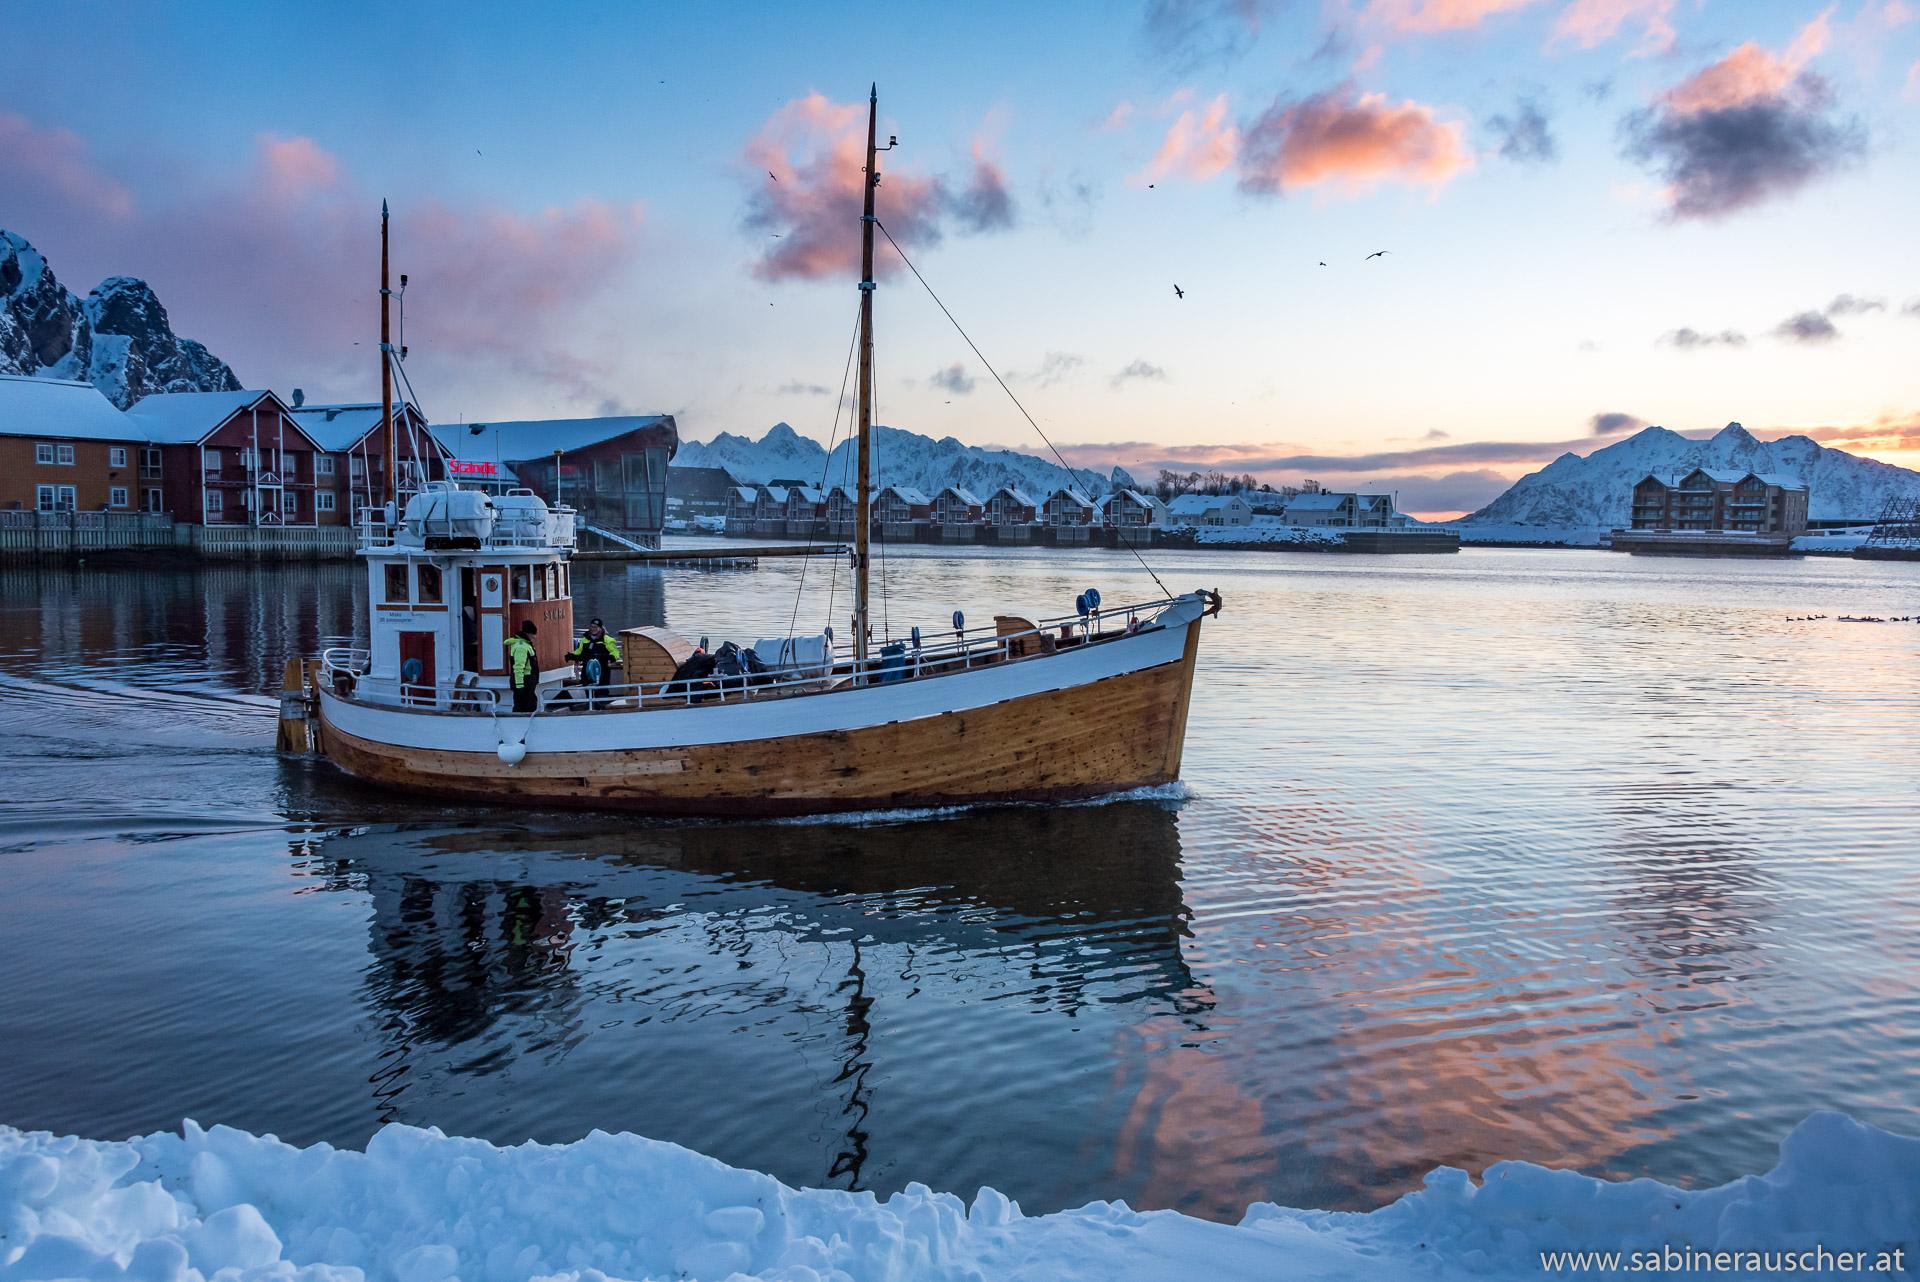 fishing boat leaving the harbour of Svolvaer | ausfahrendes Fischerboot im Hafen von Svolvaer